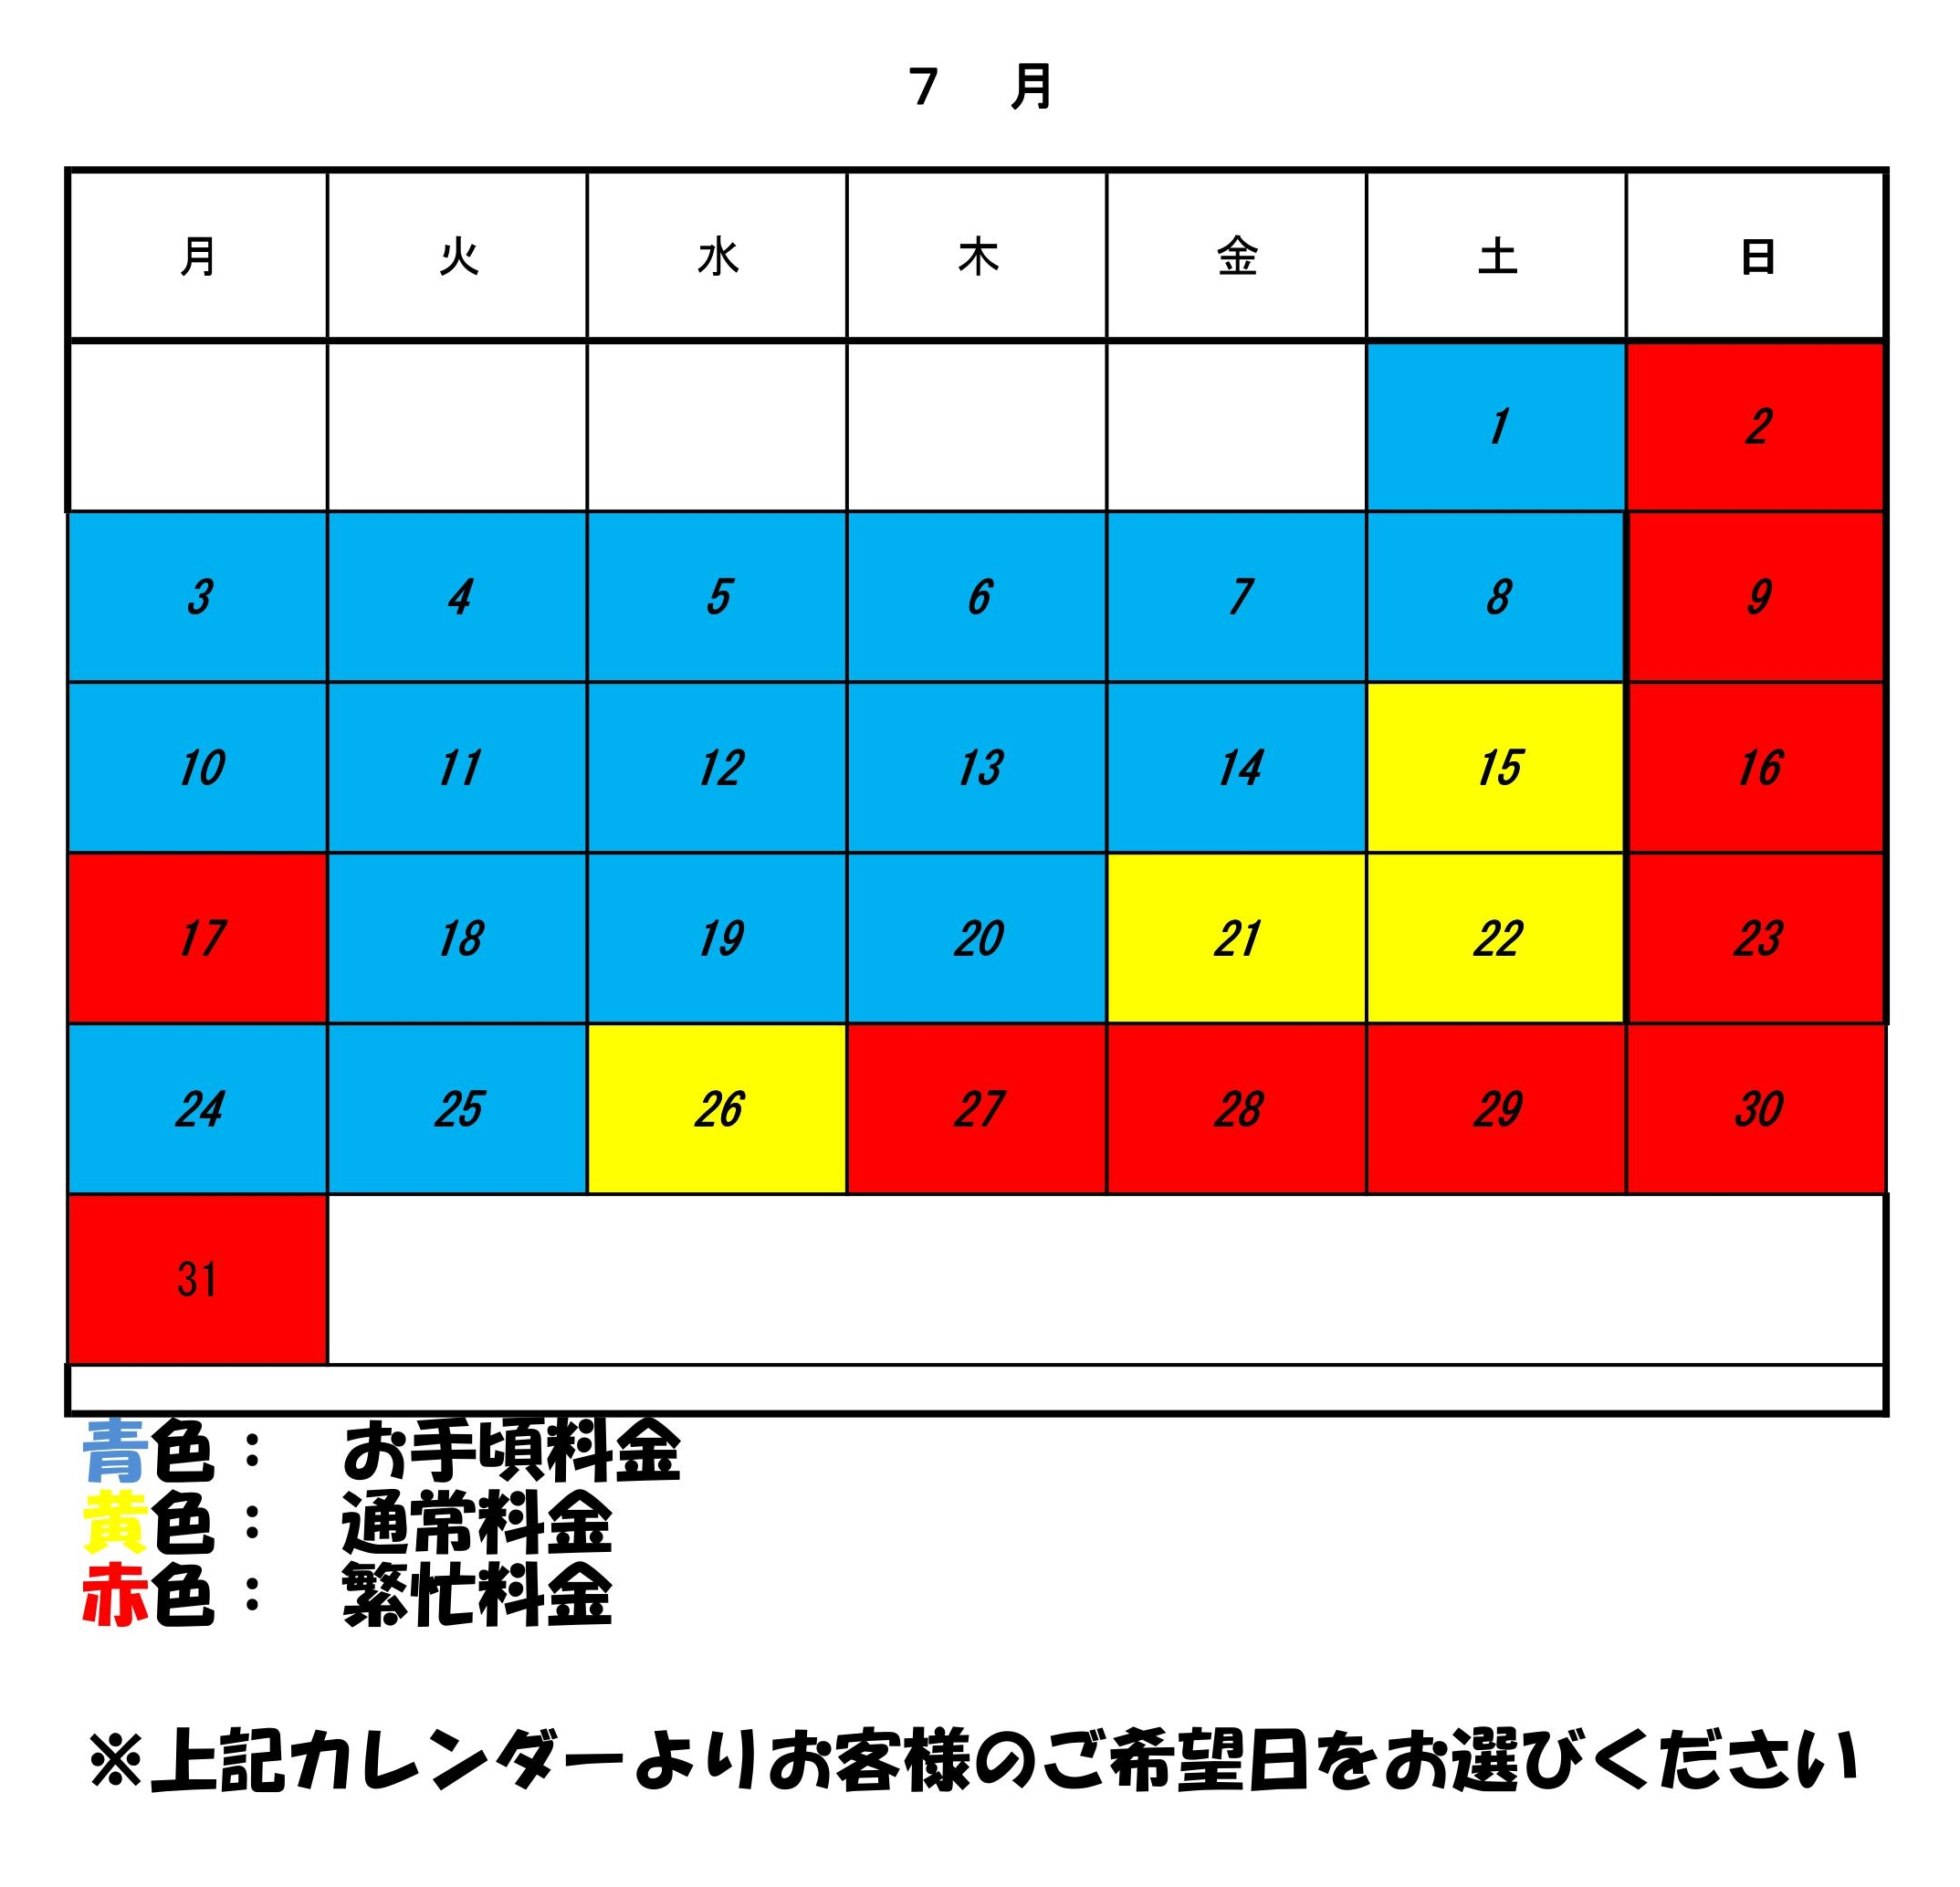 http://www.ikedapiano.co.jp/0001%20%2826%29.jpg